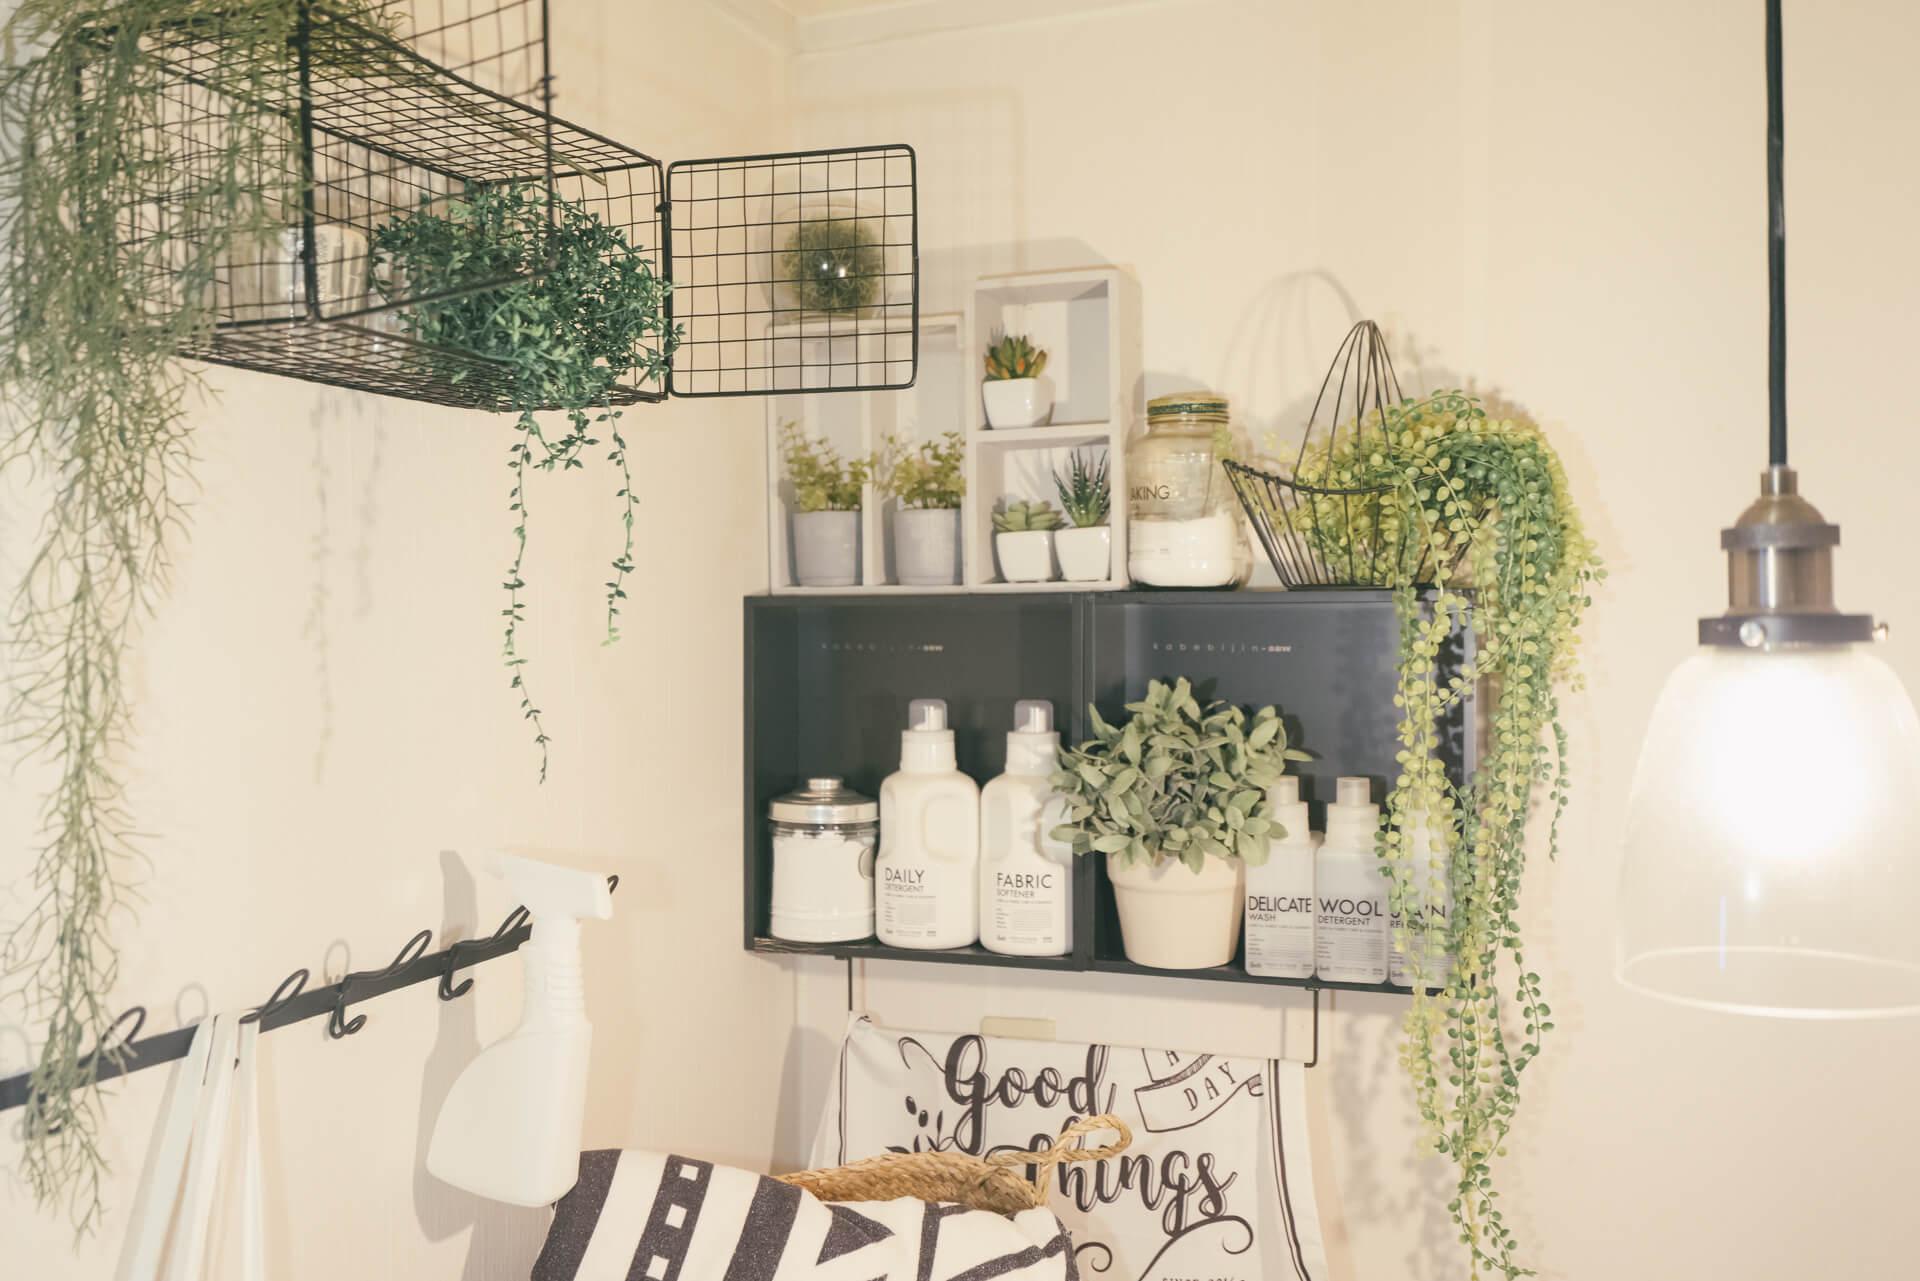 洗濯機のまわりのサニタリースペースには、フェイクグリーンを飾って。